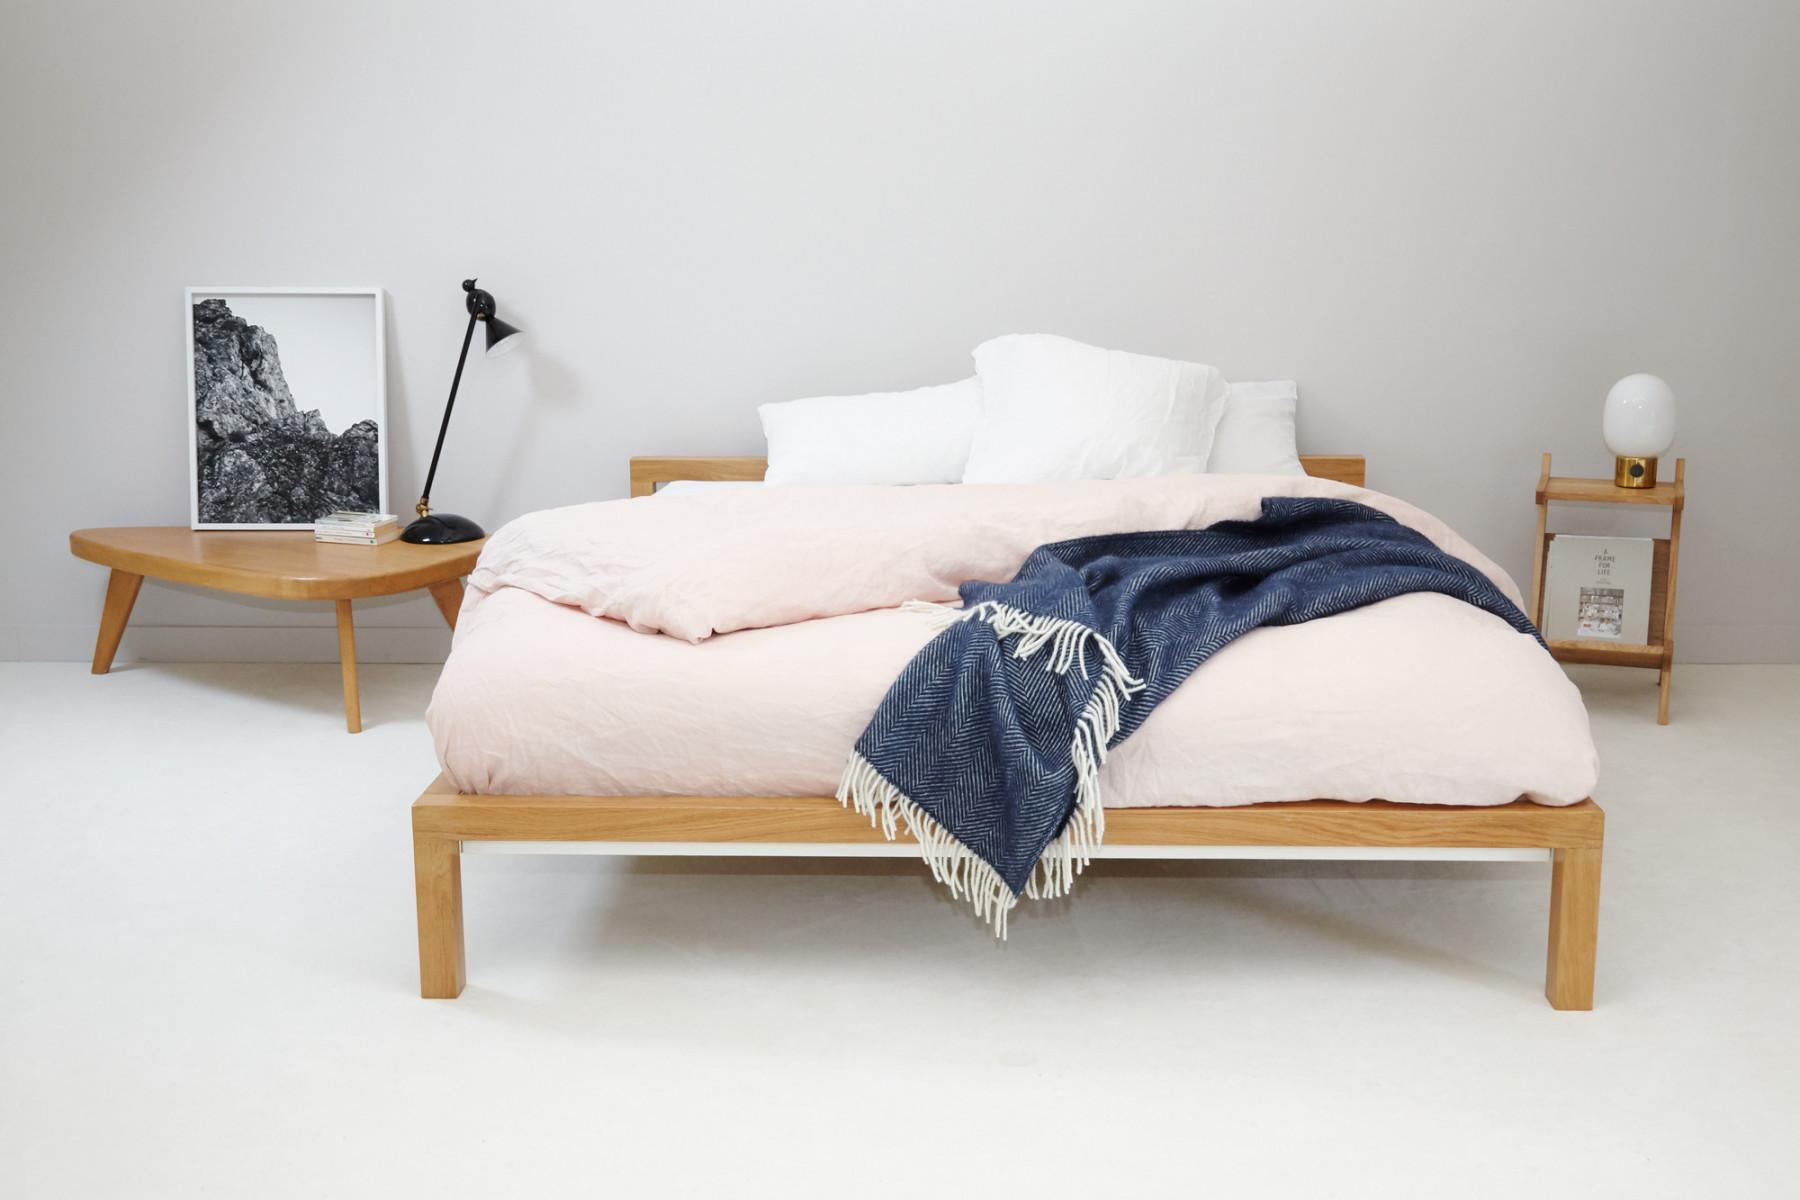 Full Size of Pure Bett Eiche 160x200 Cm Hans Hansen Einrichten Designde Mit Lattenrost Und Matratze Günstig Kaufen 90x200 Betten 200x200 Bettkasten 120x200 Weißes Weiß Bett 160x200 Bett